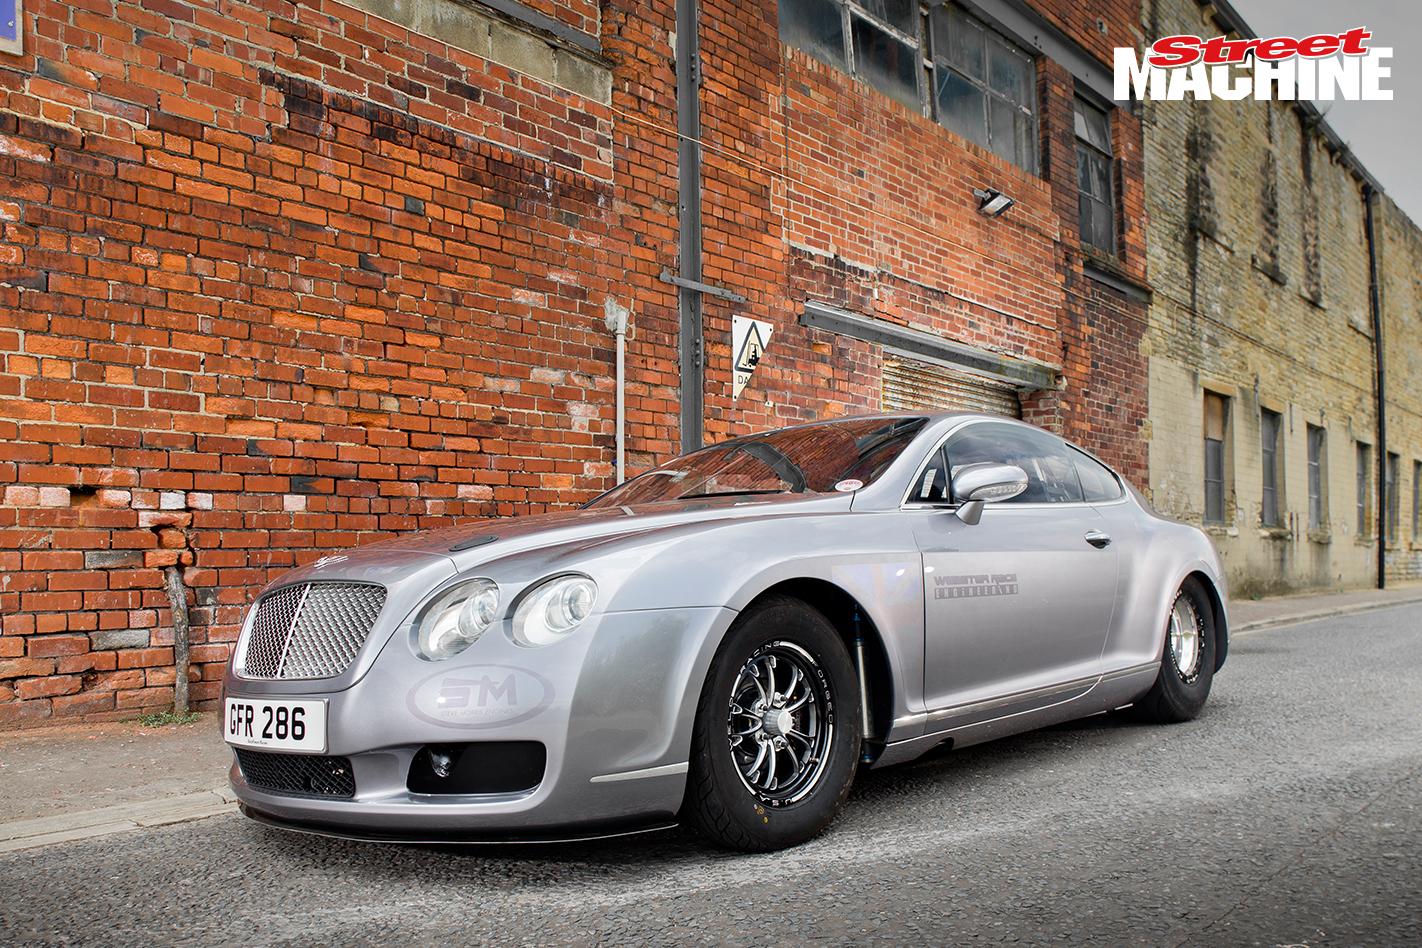 Bentley GT Drag Race Car 10 Nw